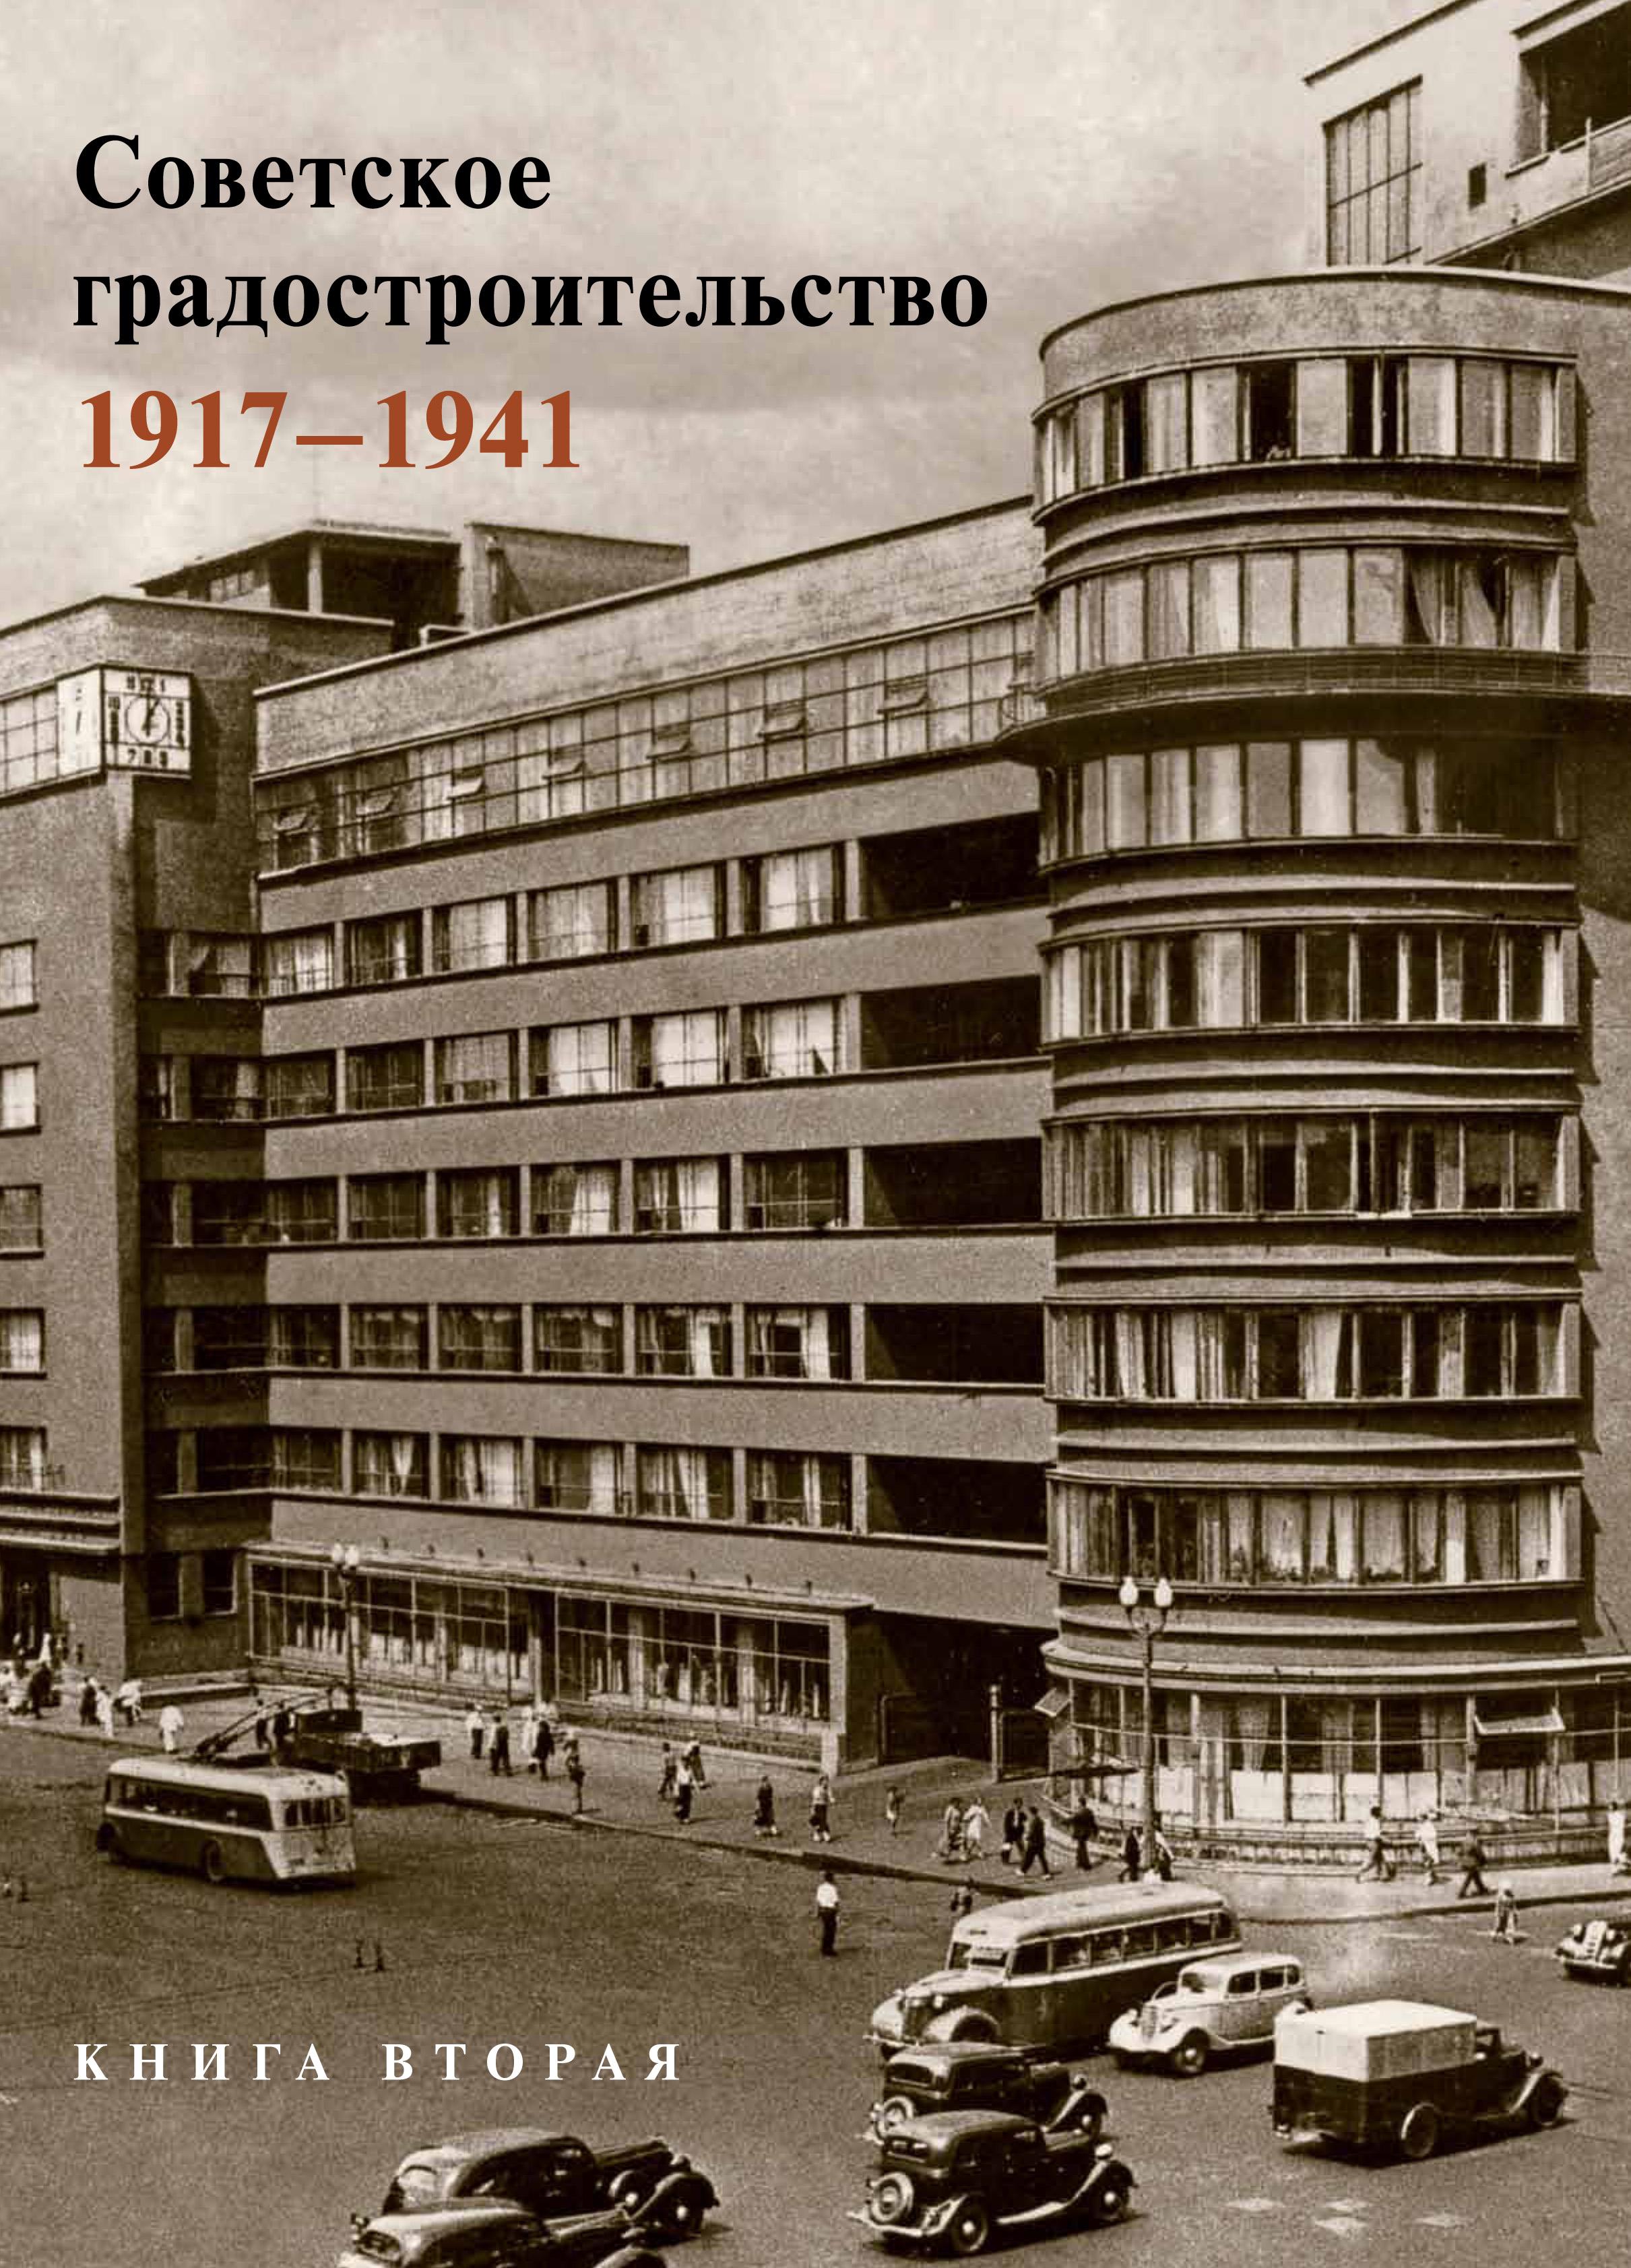 Коллектив авторов Советское градостроительство. 1917–1941. 2 том цена